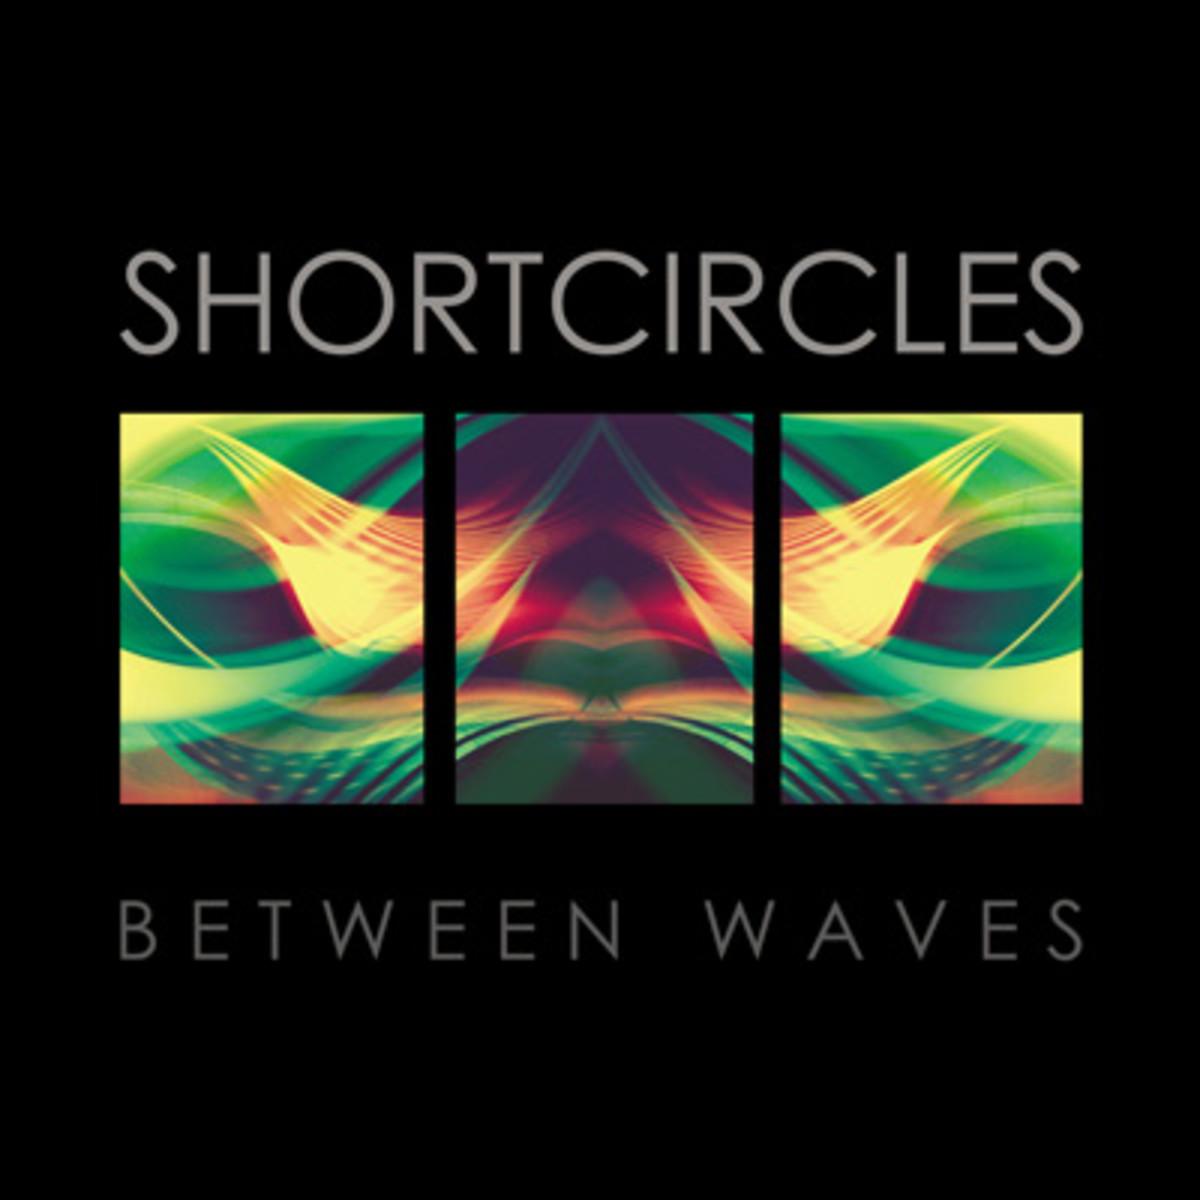 shortcircles-betweenwaves.jpg